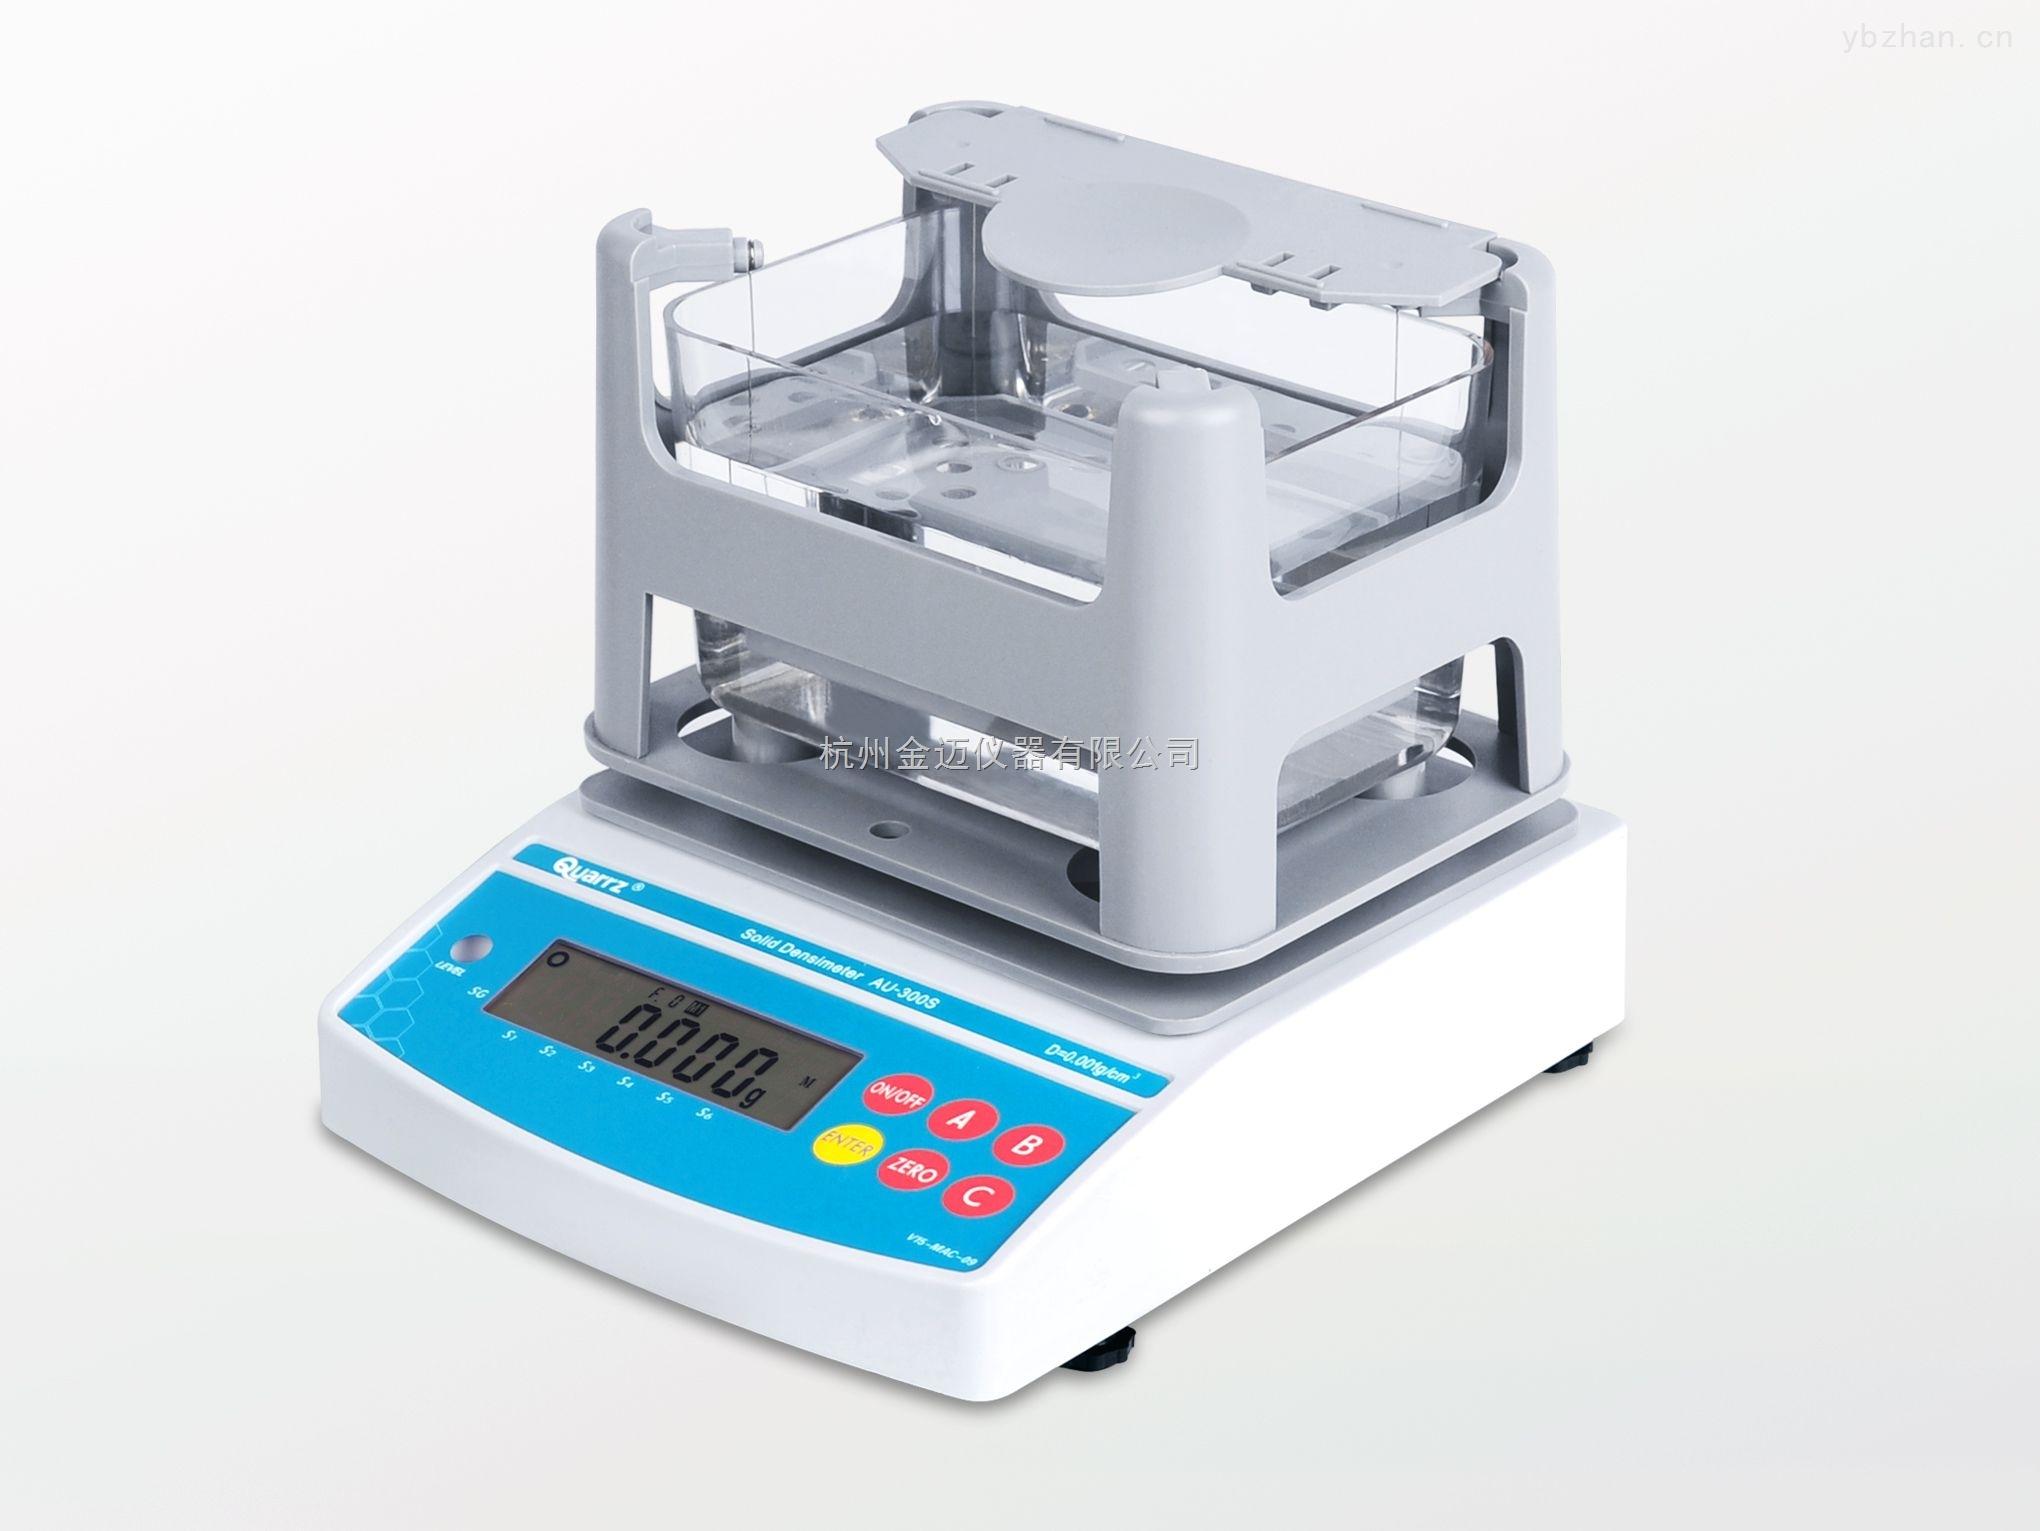 硫化橡胶密度计,橡胶密度测量仪